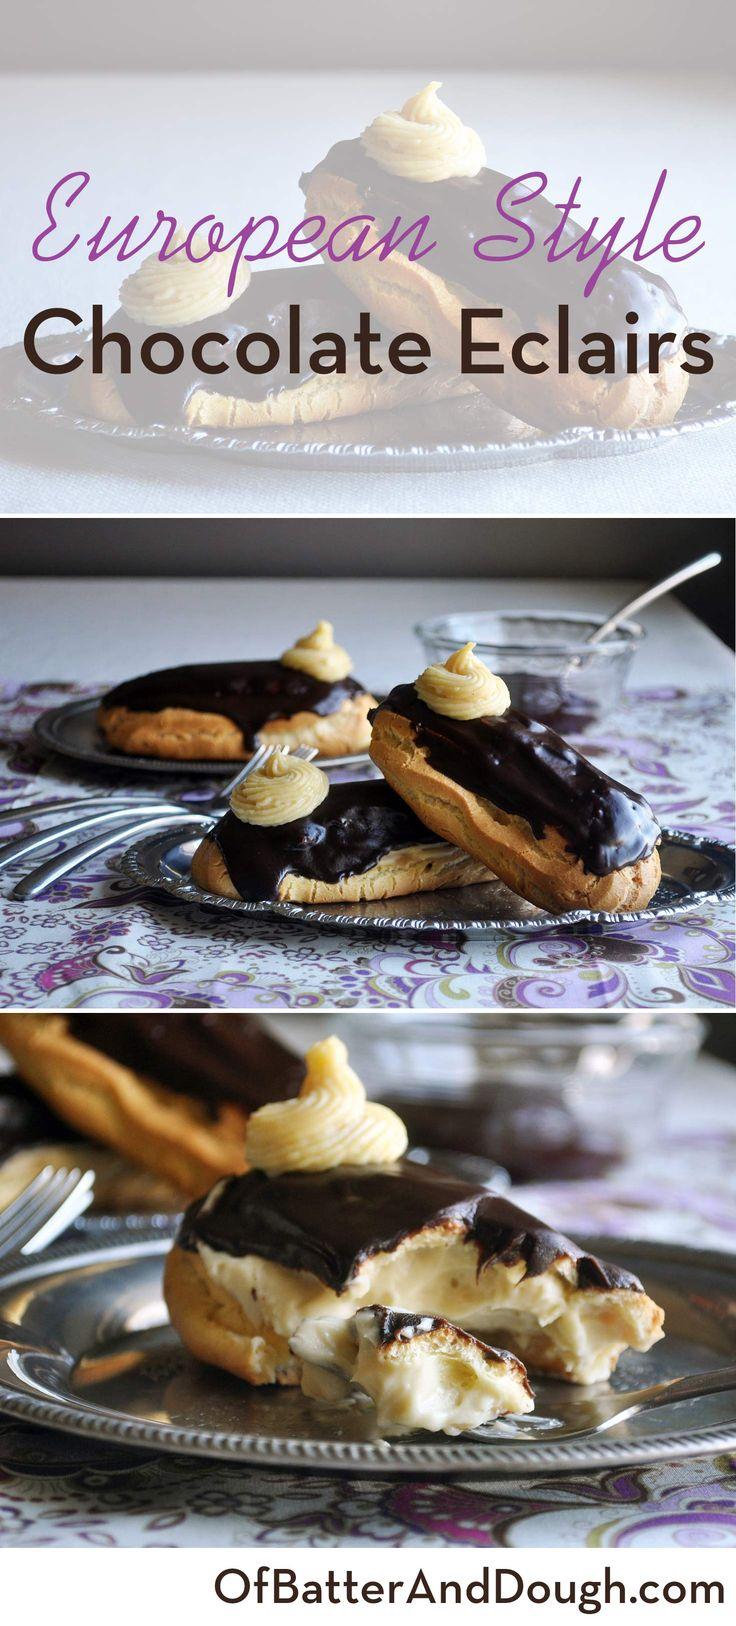 chocolate eclair dessert recipe | French pastry recipes | ofbatteranddough.com